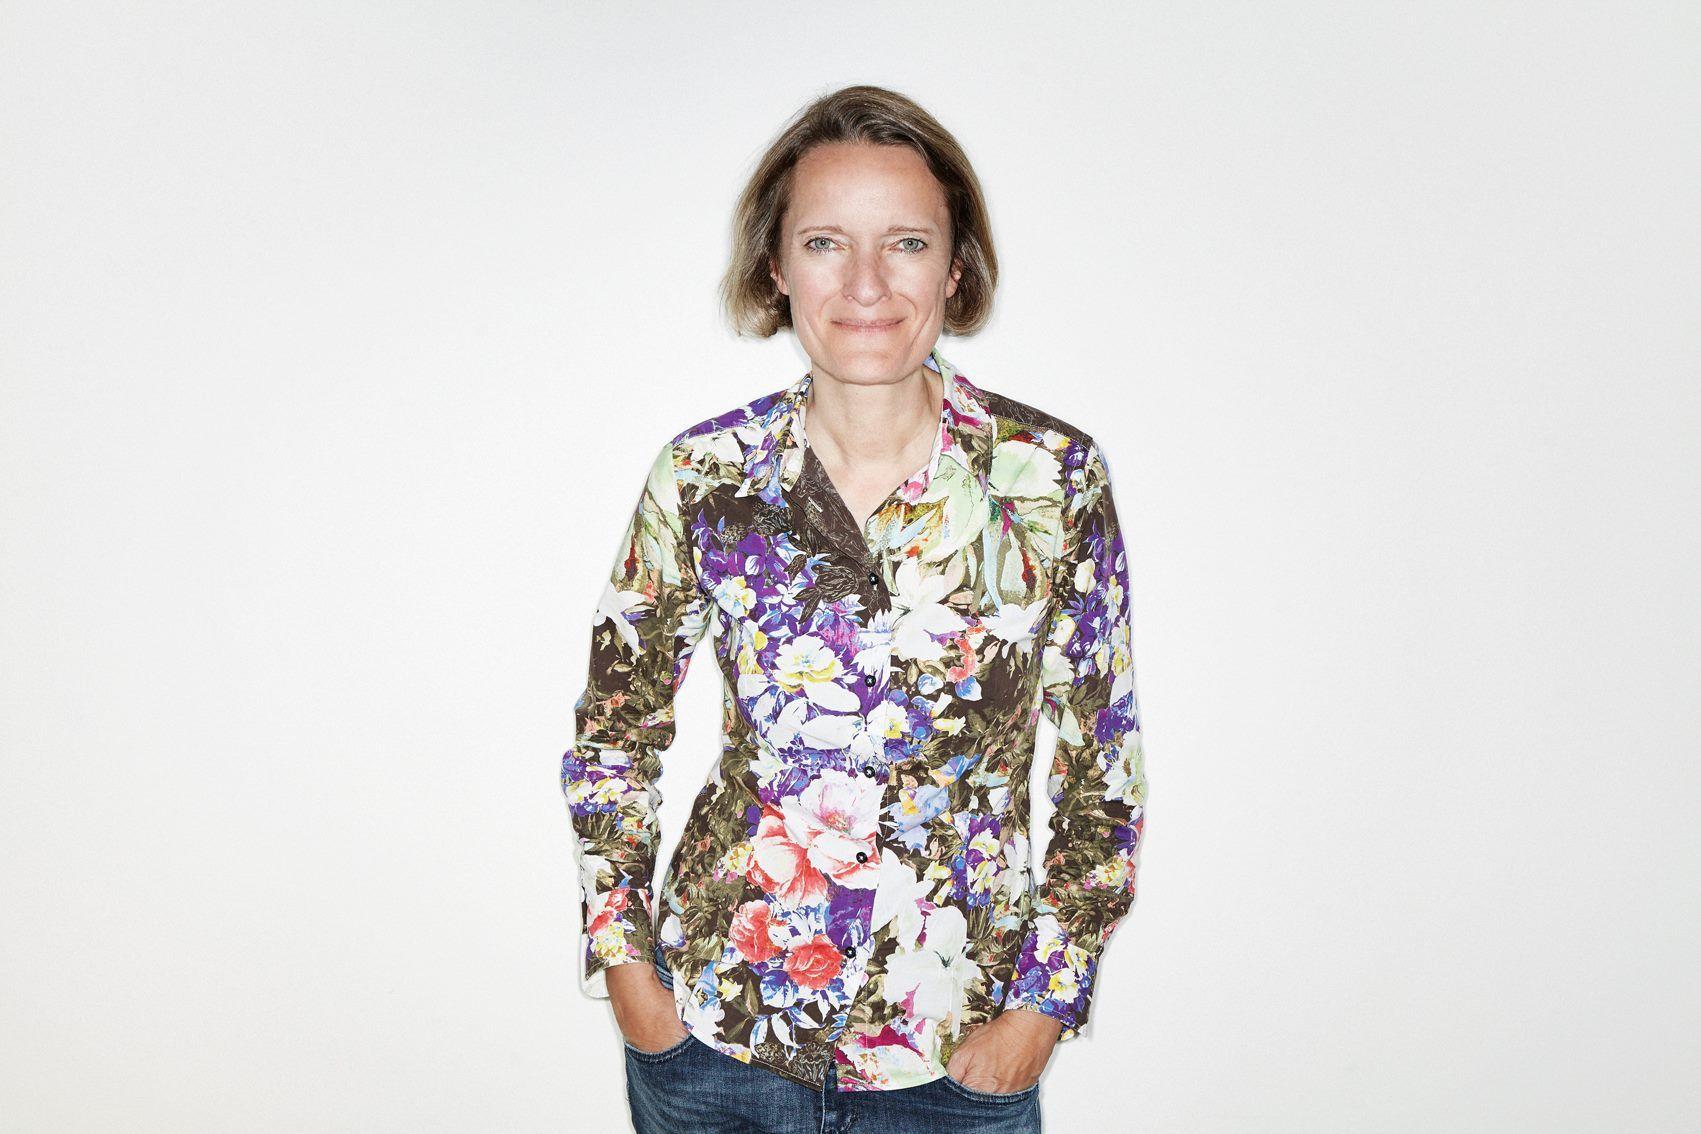 WTSPRNG ... meet art buyers from Jung von Matt, Kolle Rebbe, loved, Scholz & Friends and thjnk